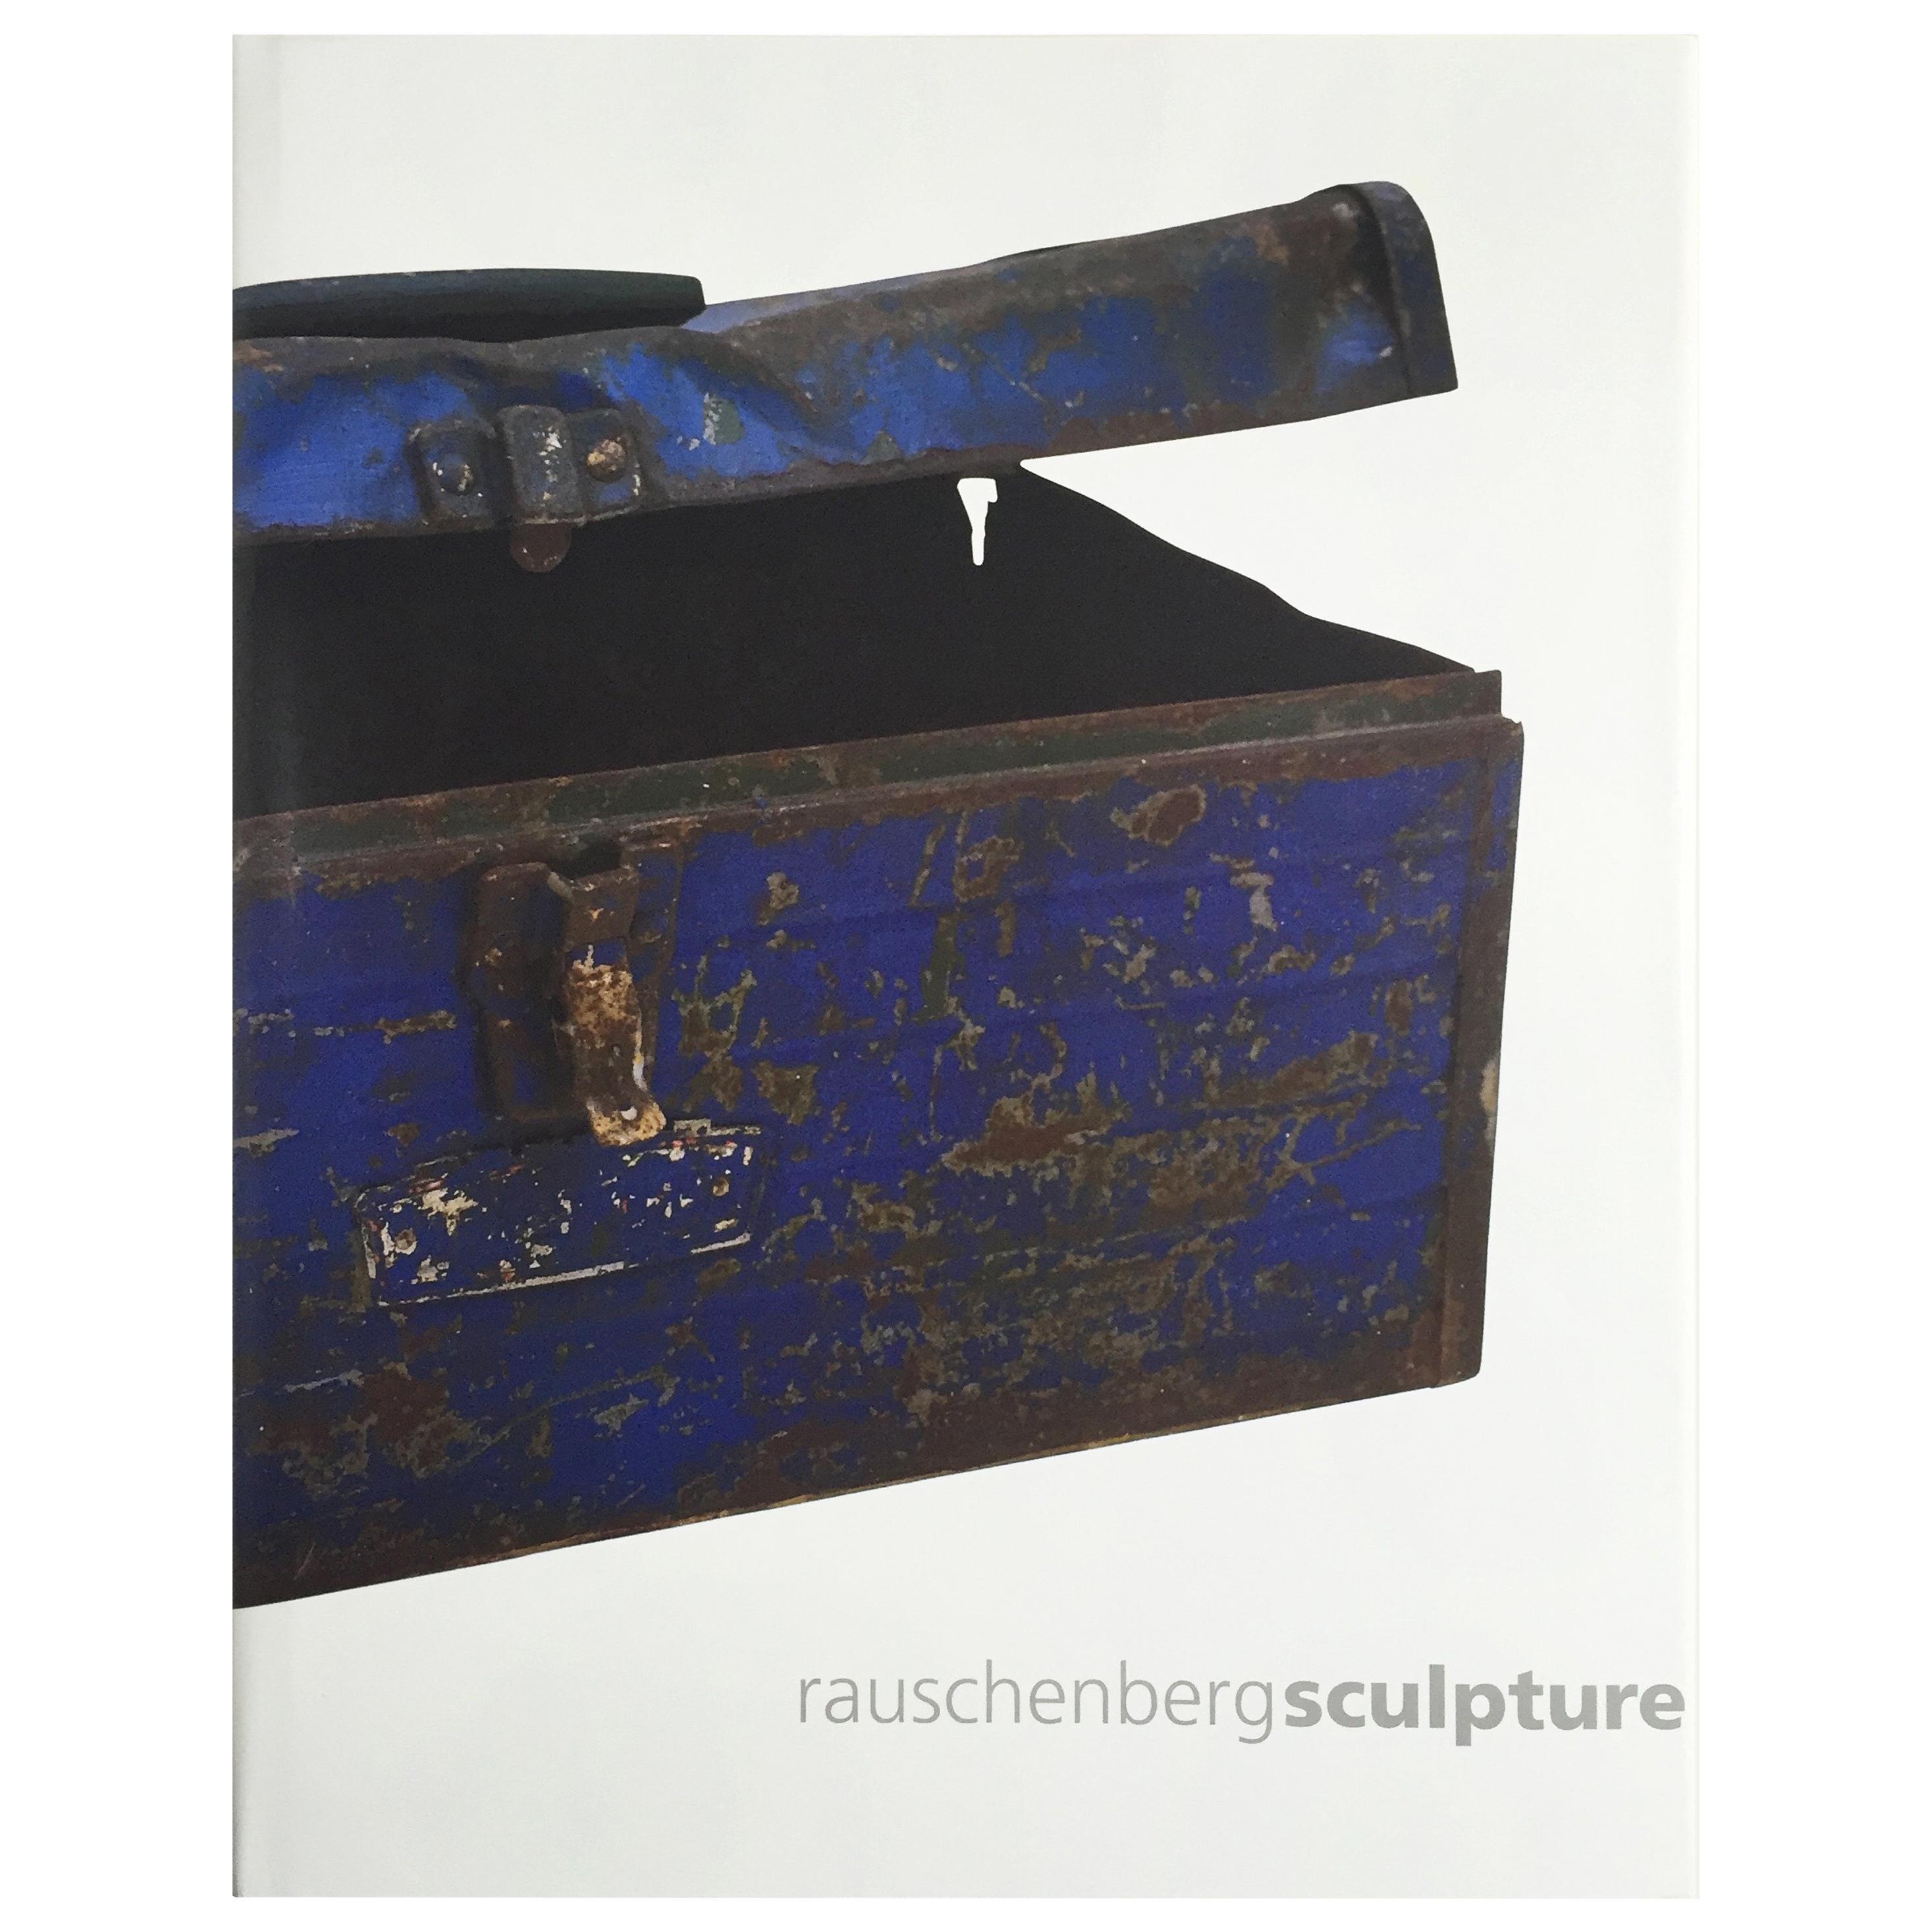 Rauschenberg Sculpture, Julia Terrell First Edition, 1995